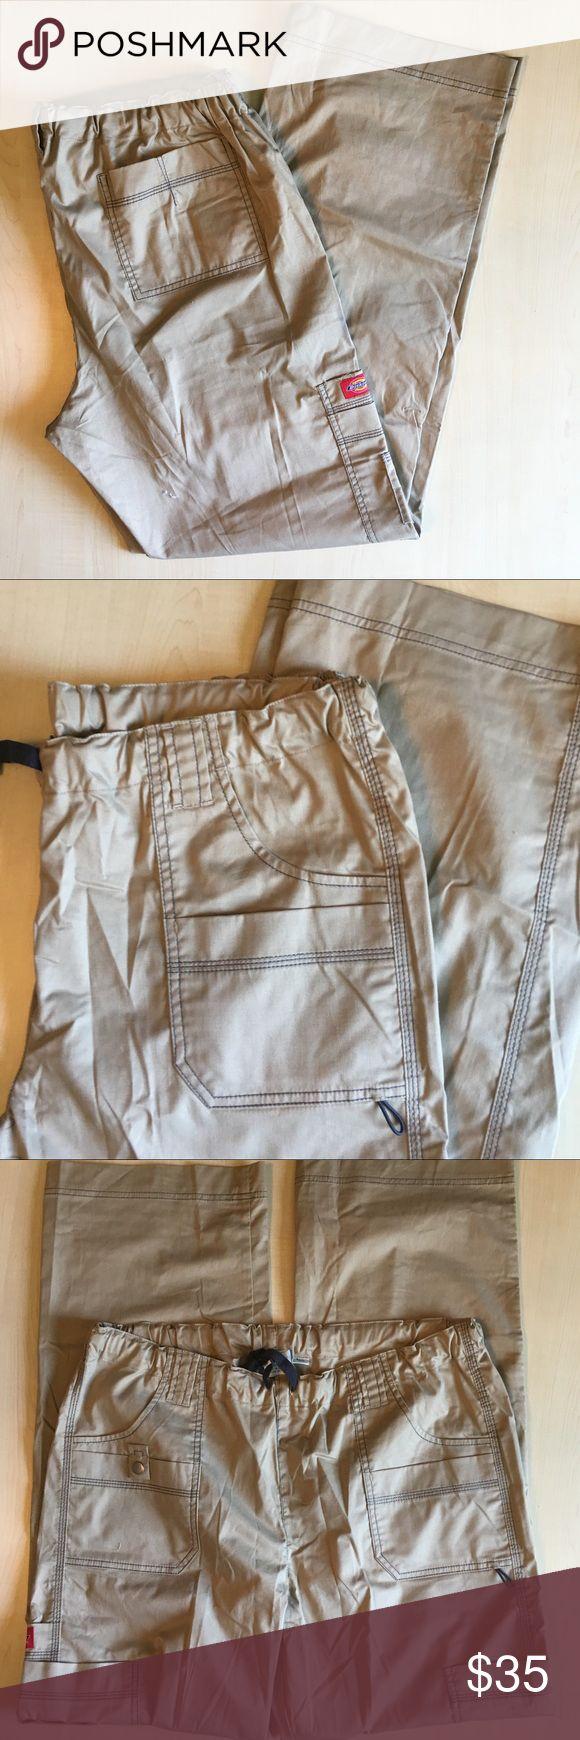 NWOT Dickies Gen Flex Scrubs Cargo Pants NWOT Dickies Cargo Tall Khaki Scrubs Pants  Style 857455T   Condition: no rips no tears -R- Dickies Pants Cargo